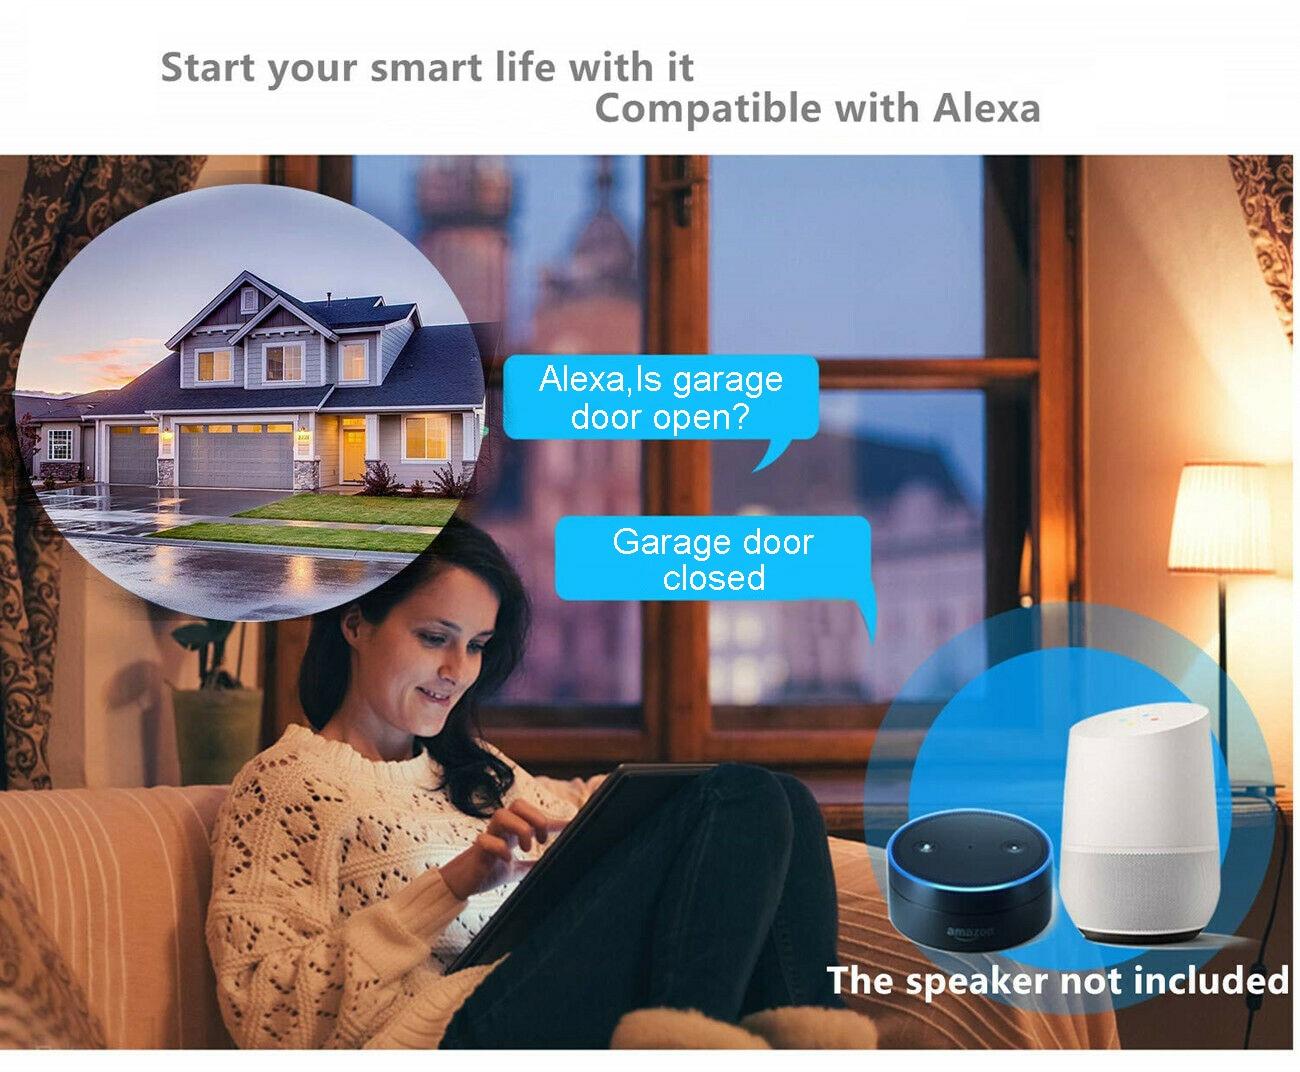 H86ec55acc297463aae769f13bea15083H Wofea WiFi Switch Smart Garage Door Opener Controller Work With Alexa Echo Google Home SmartLife/Tuya APP Control No Hub Require